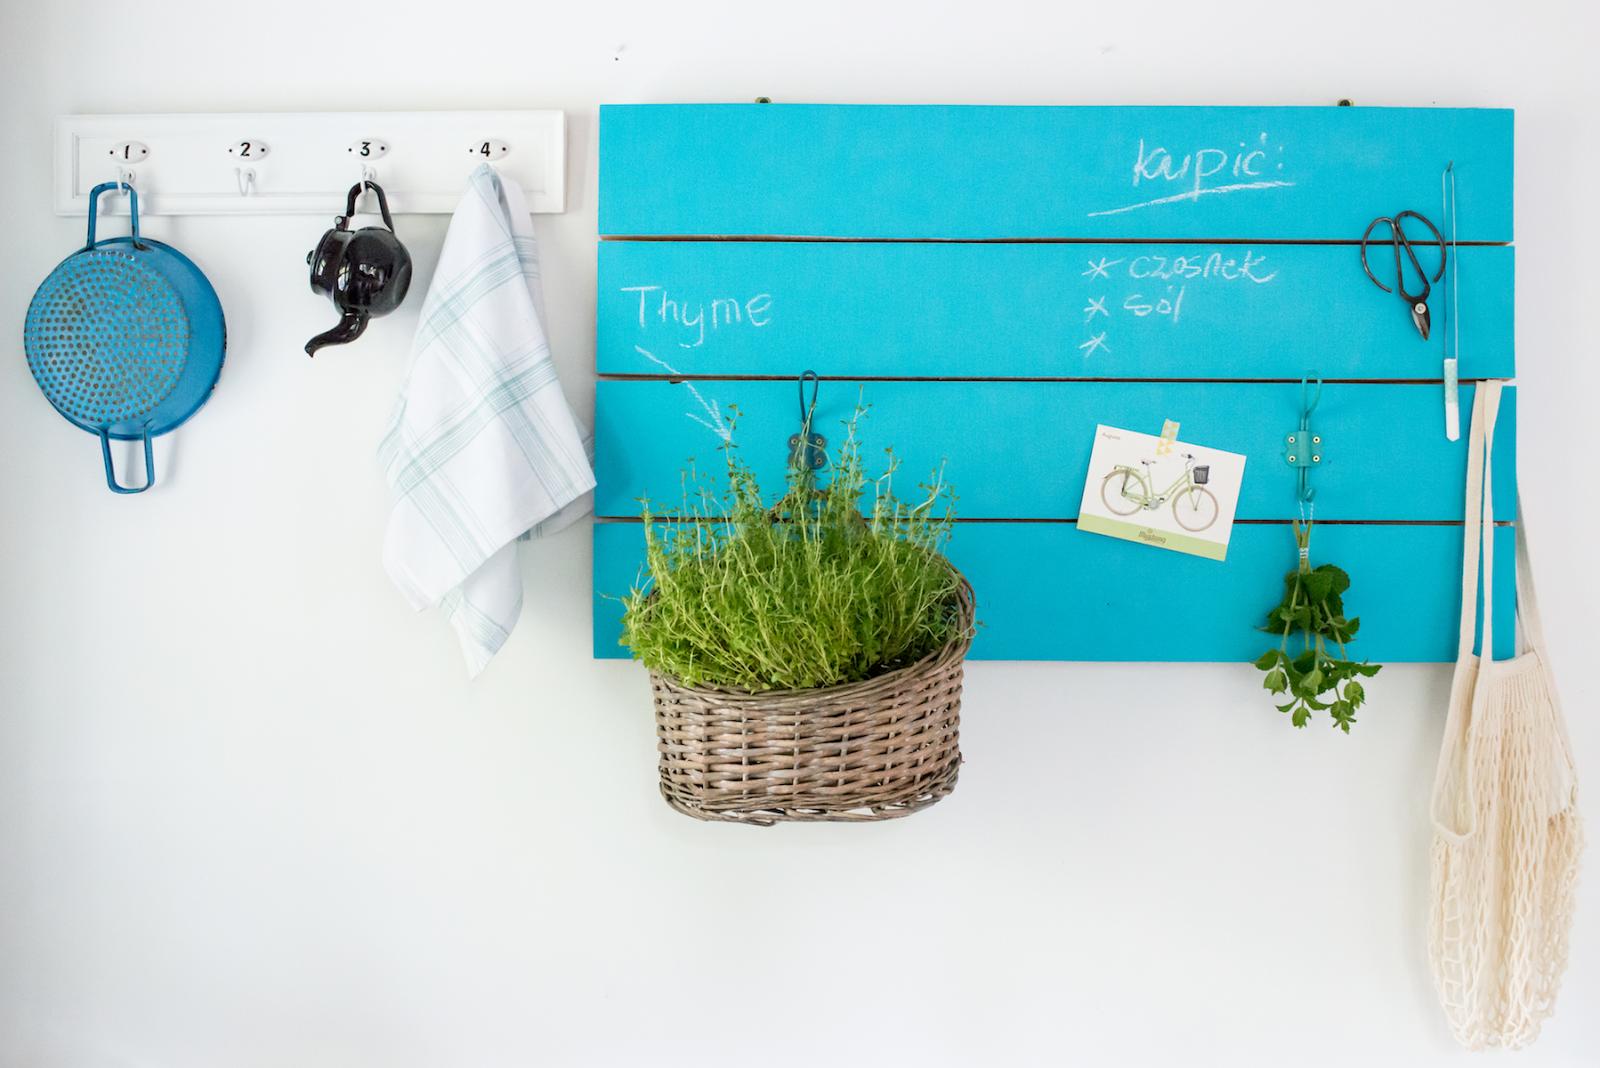 Drewno pomalowane niebieską farbą tablicową jako element wystroju wnętrza